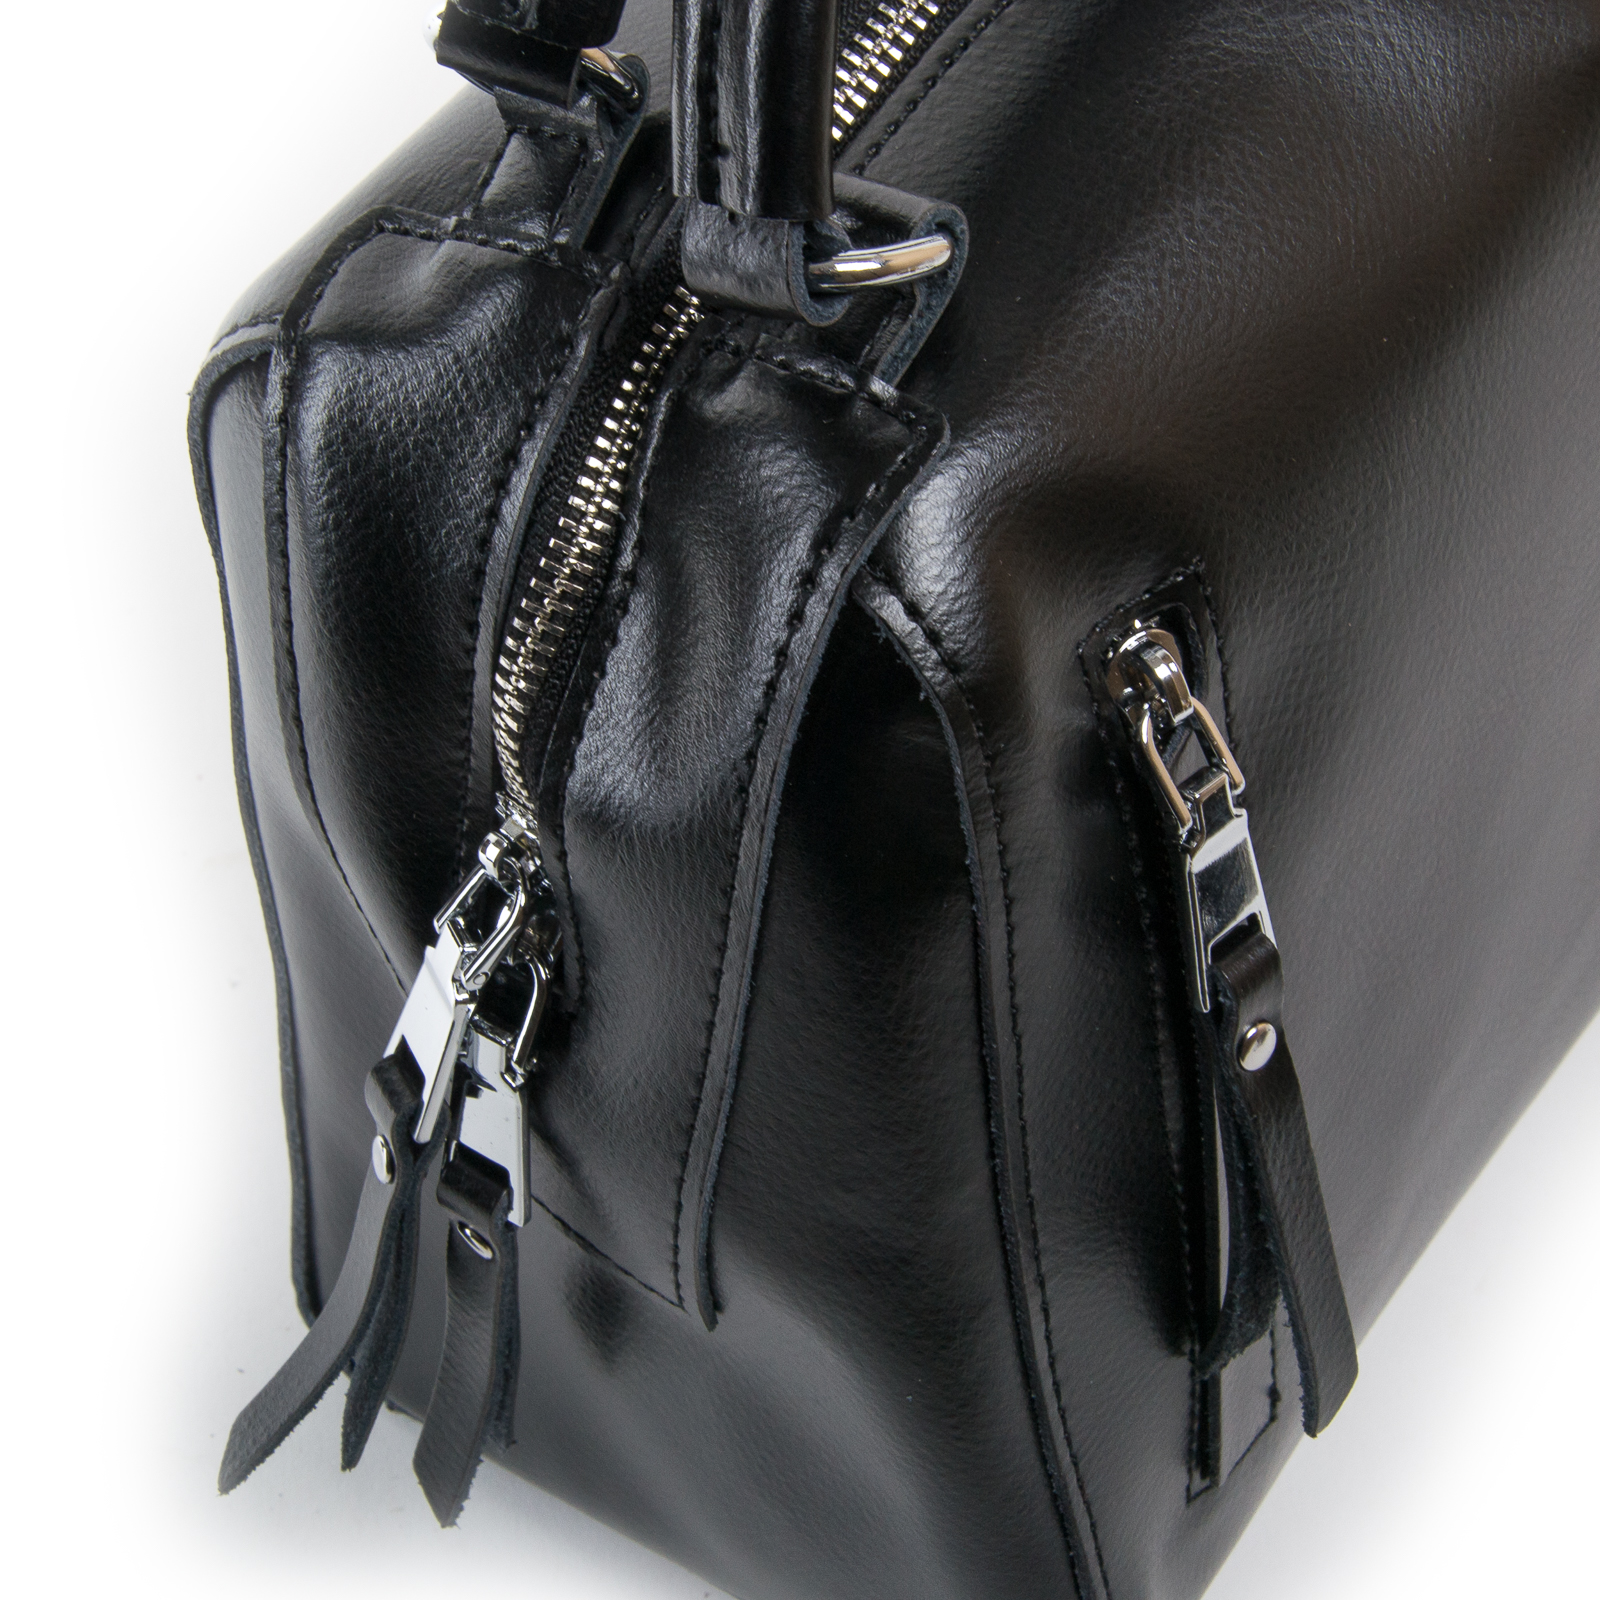 Сумка Женская Классическая кожа ALEX RAI 03-01 8763 black - фото 3